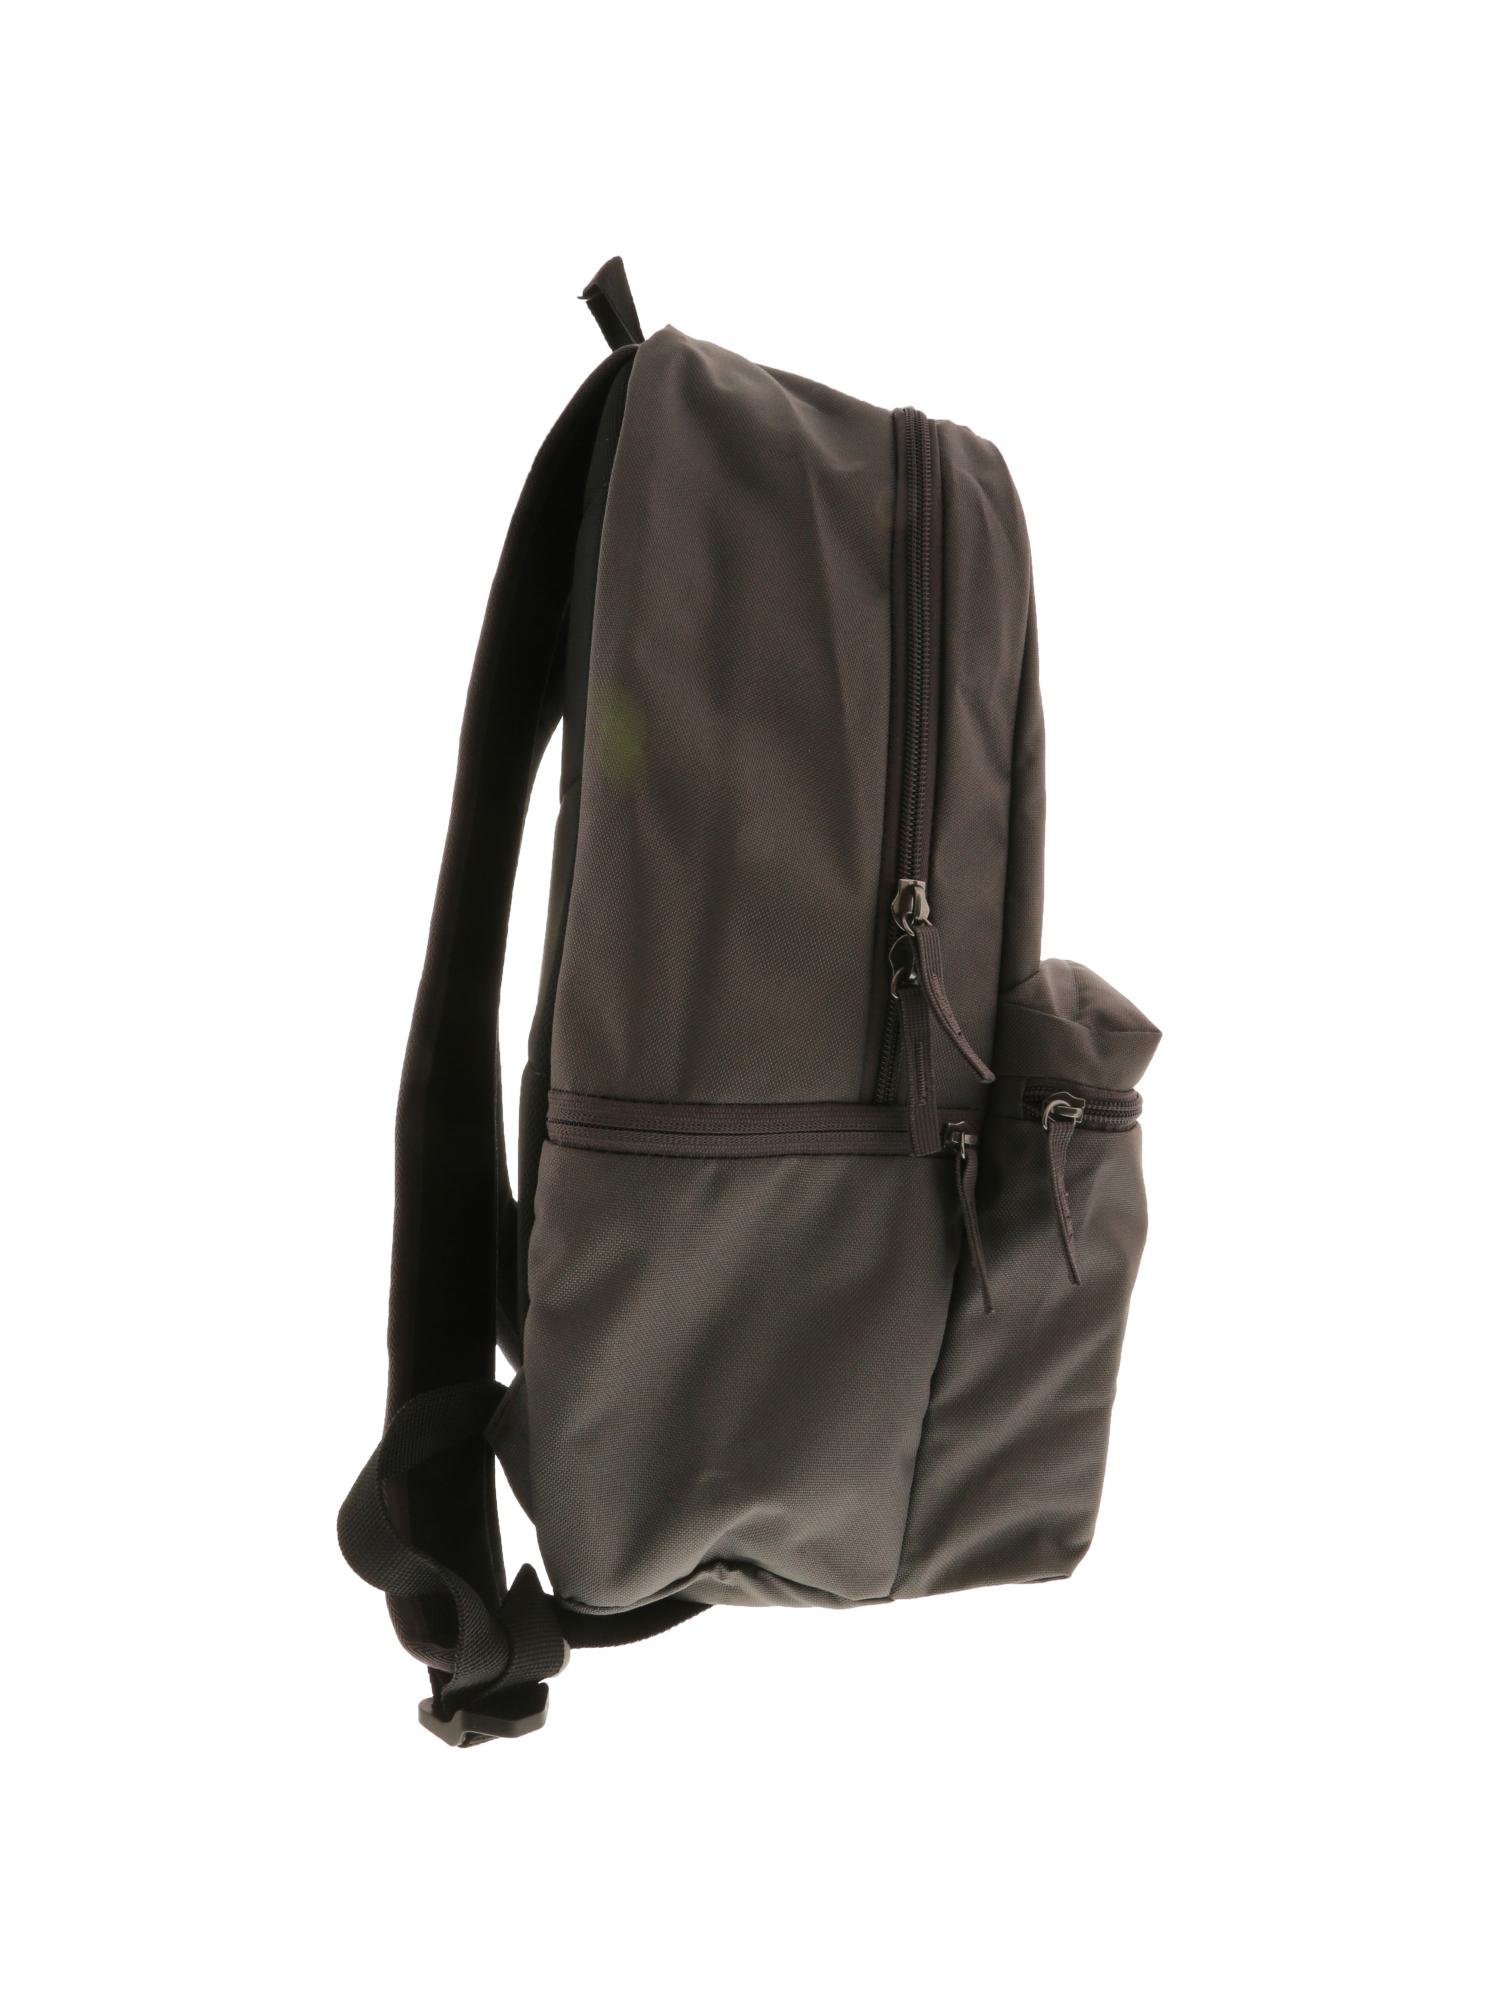 aef52fddad49 Nike Heritage Backpack Thunder Grey black black One Size for sale ...